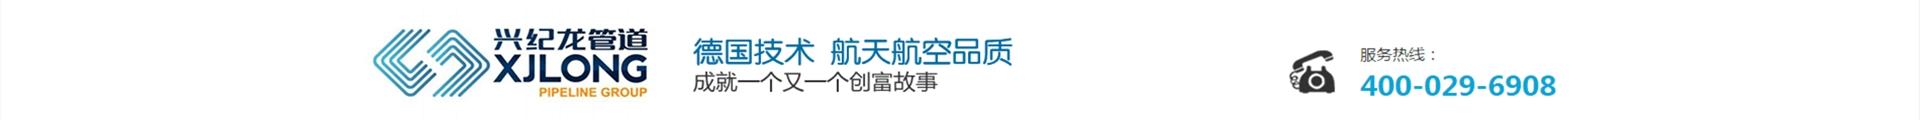 陕西兴纪龙管道股份有限公司